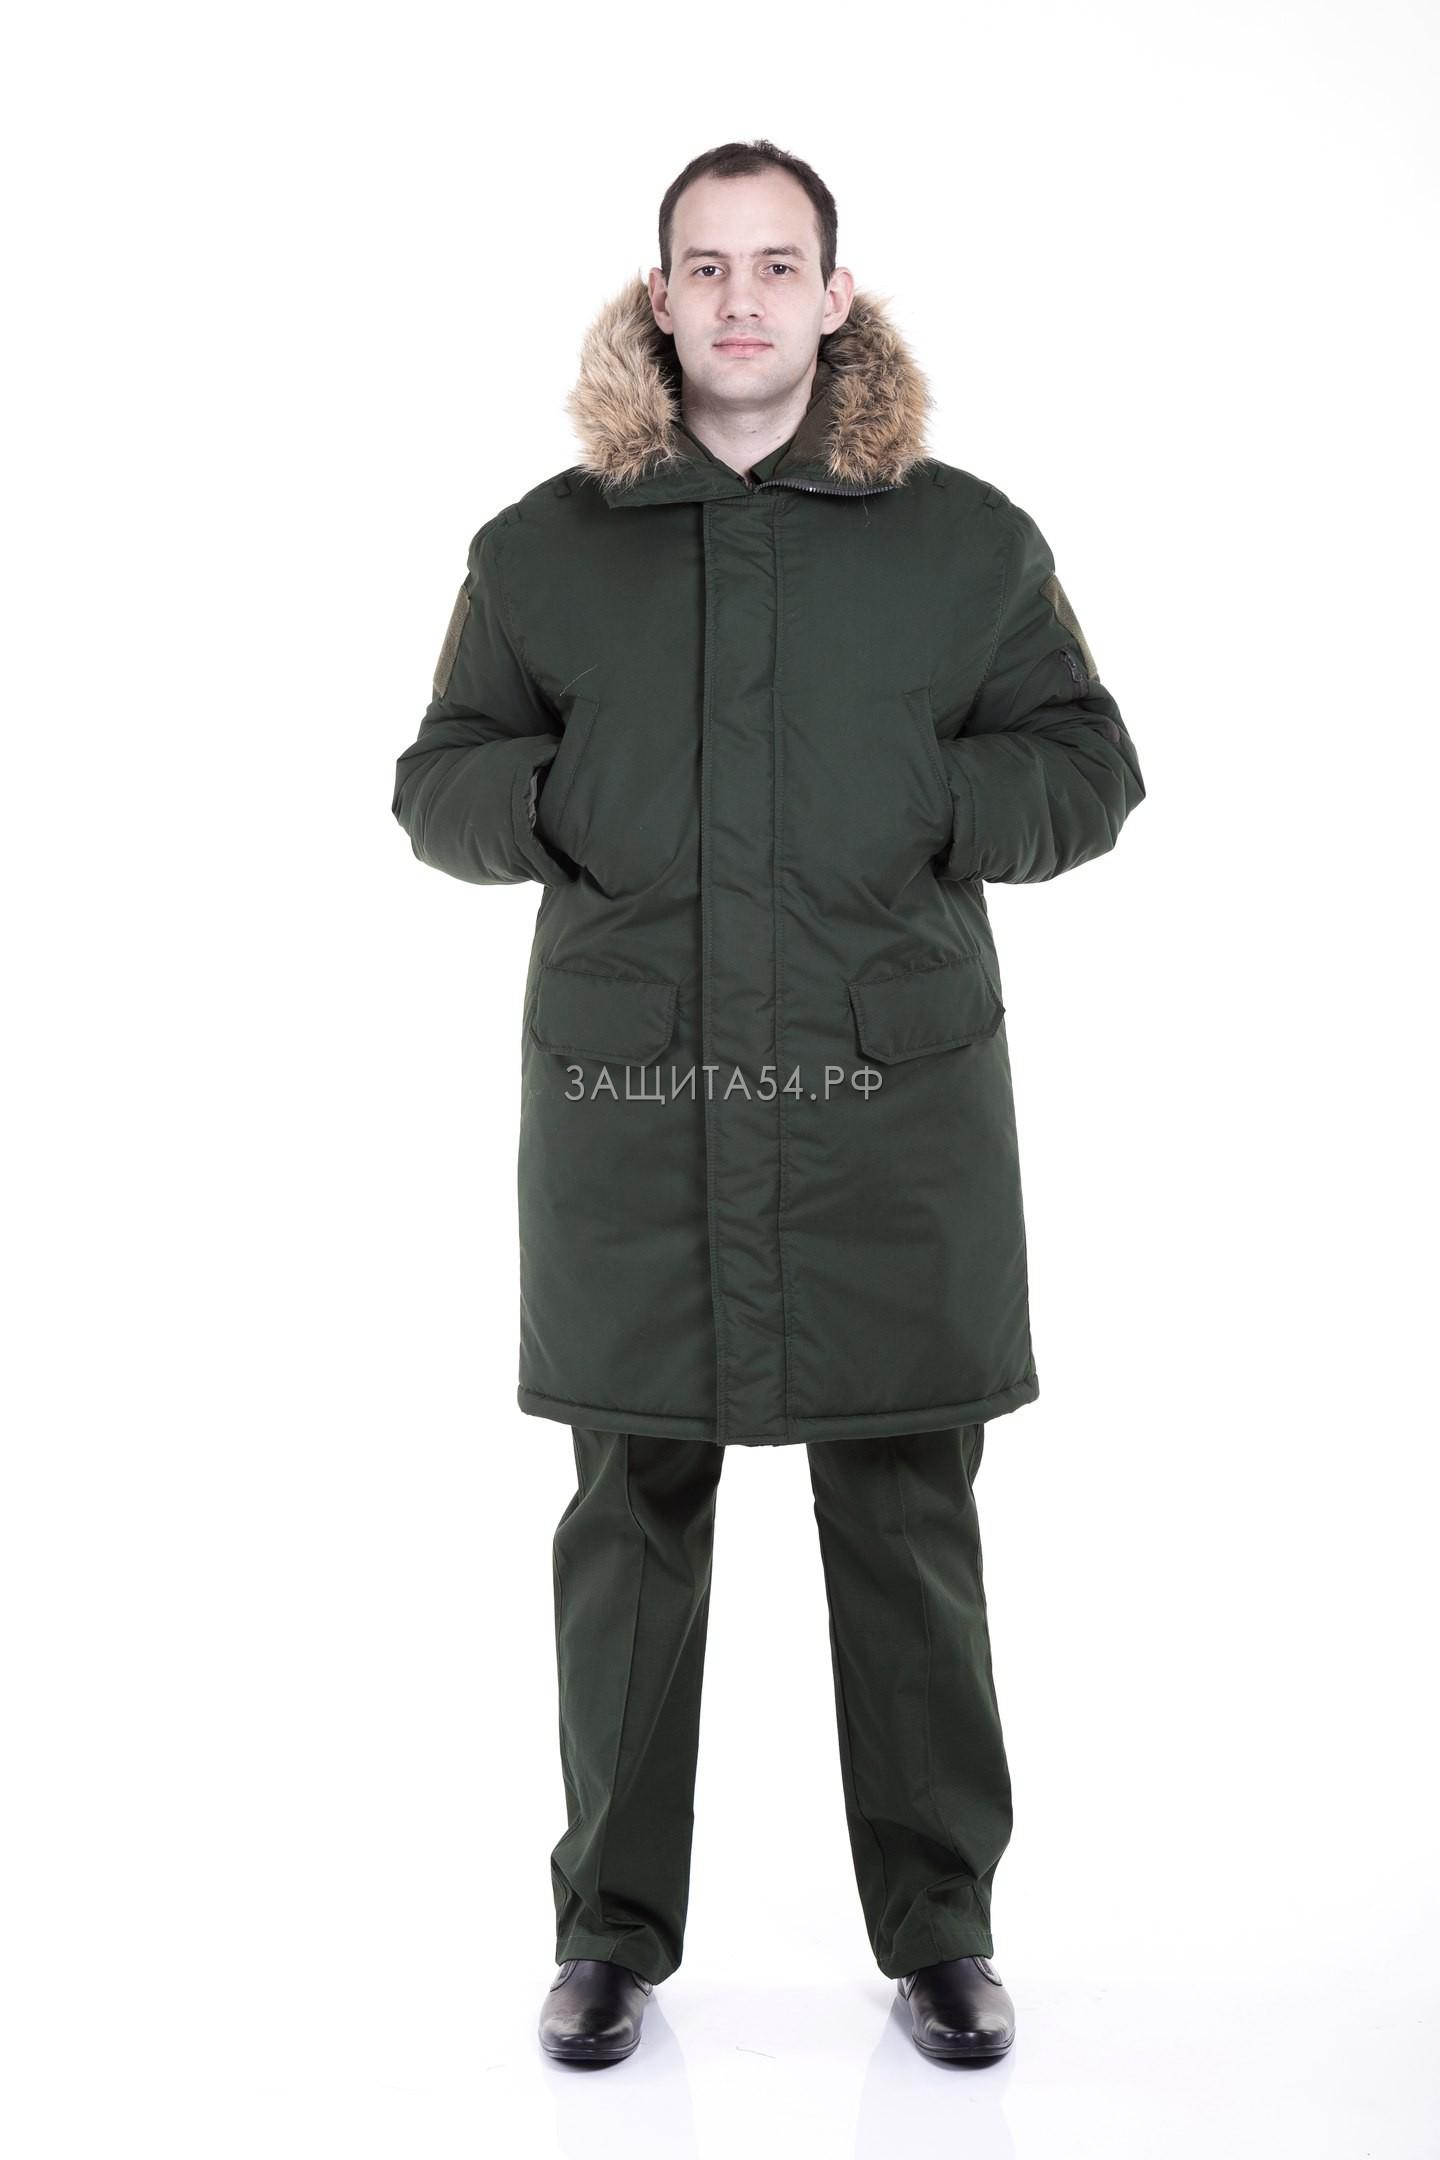 Куртка зимняя для военнослужащих  Аляска зеленая